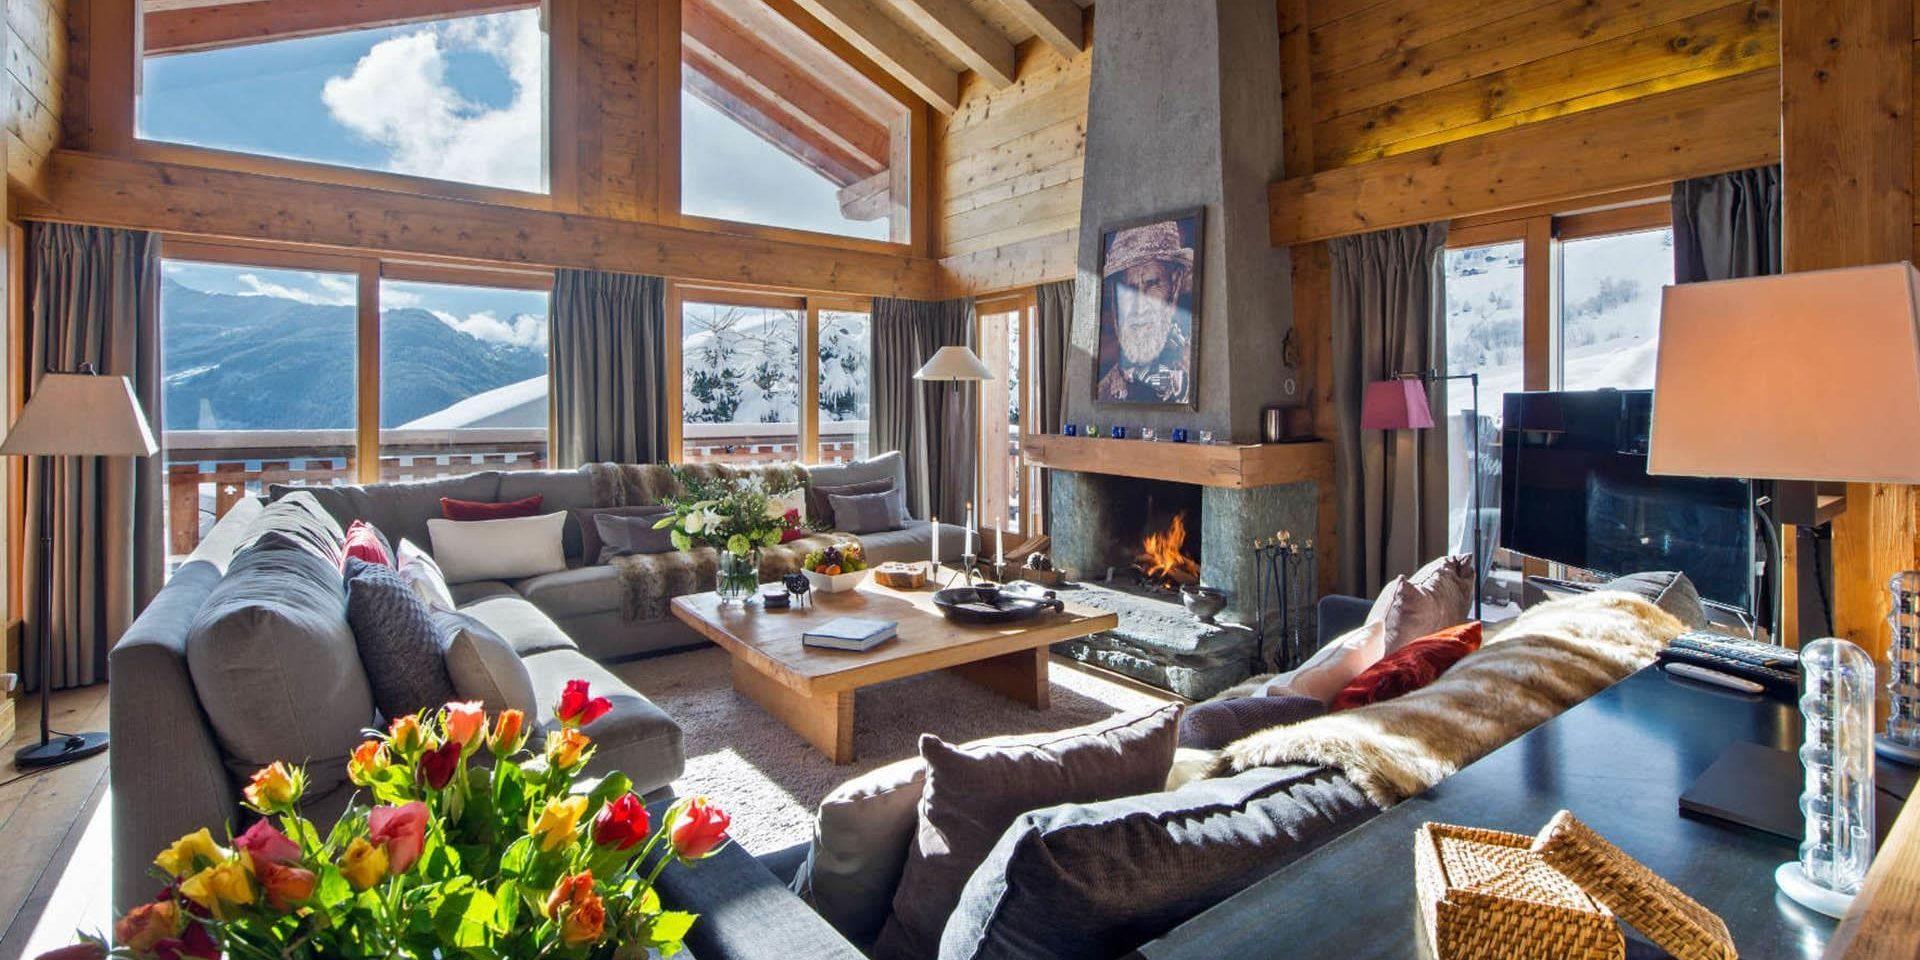 Chalet Pierre Avoi Verbier Les 4 Vallees Zwitserland wintersport skivakantie luxe living open haard schilderij banken kussens bloemen houten balken sneeuw bergen uitzicht